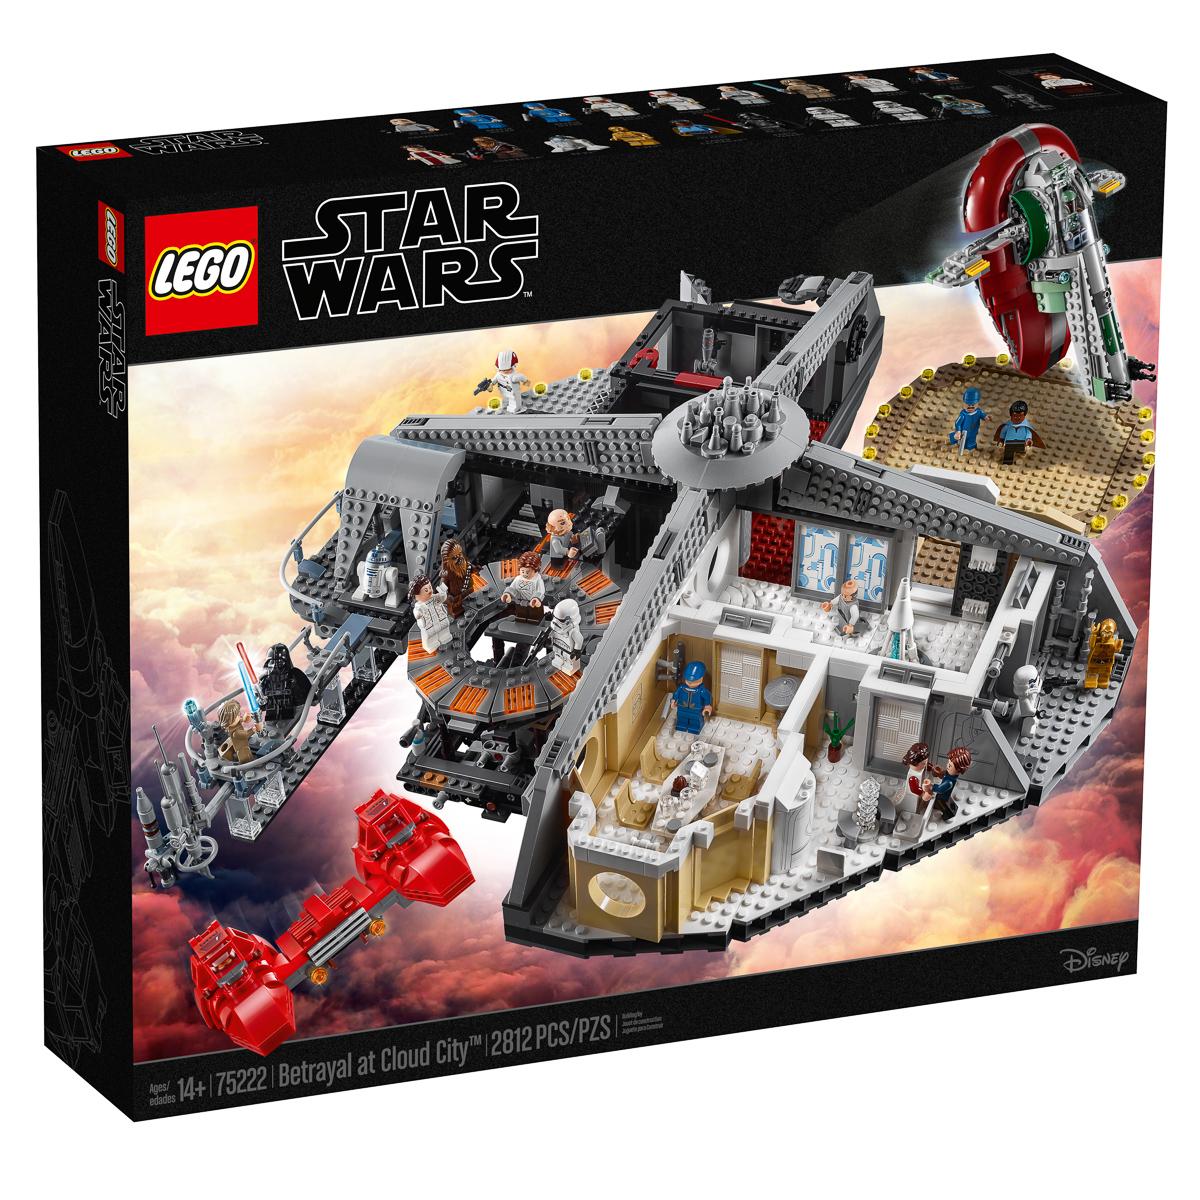 75222-2019-New Lego Star Wars-C-3PO Coloré fils cloud city Figure